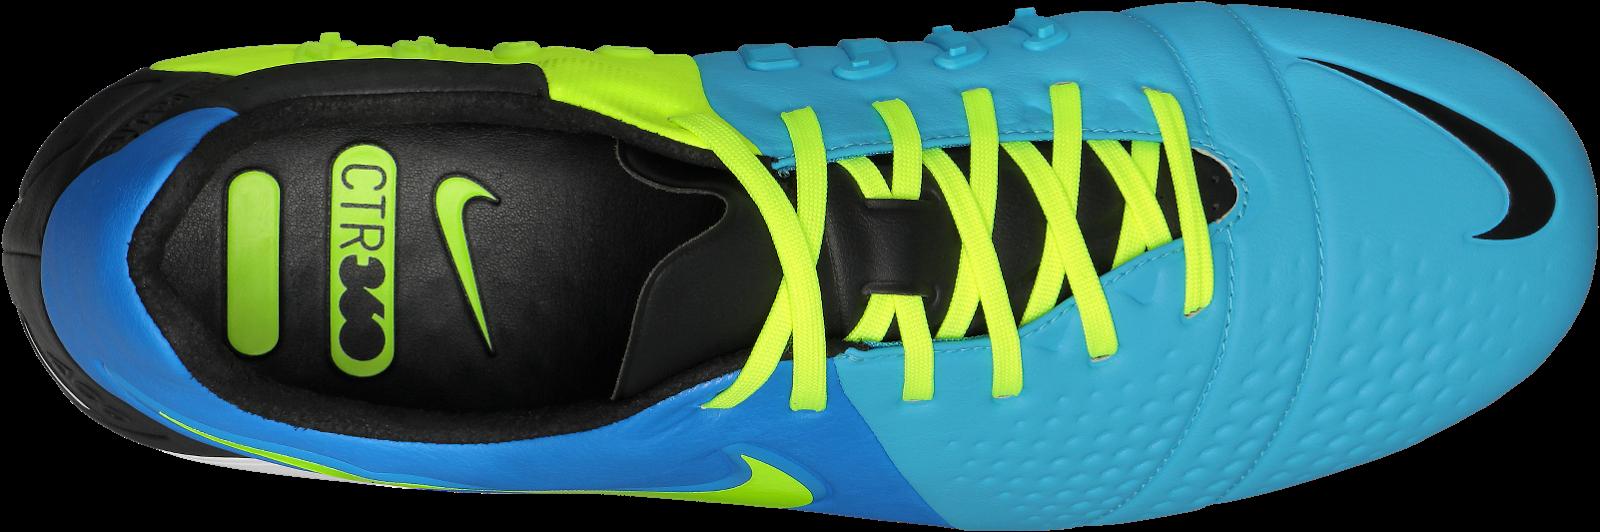 [Imagen: Nike+CTR+Maestri+III+Blue+Volt+(2).png]